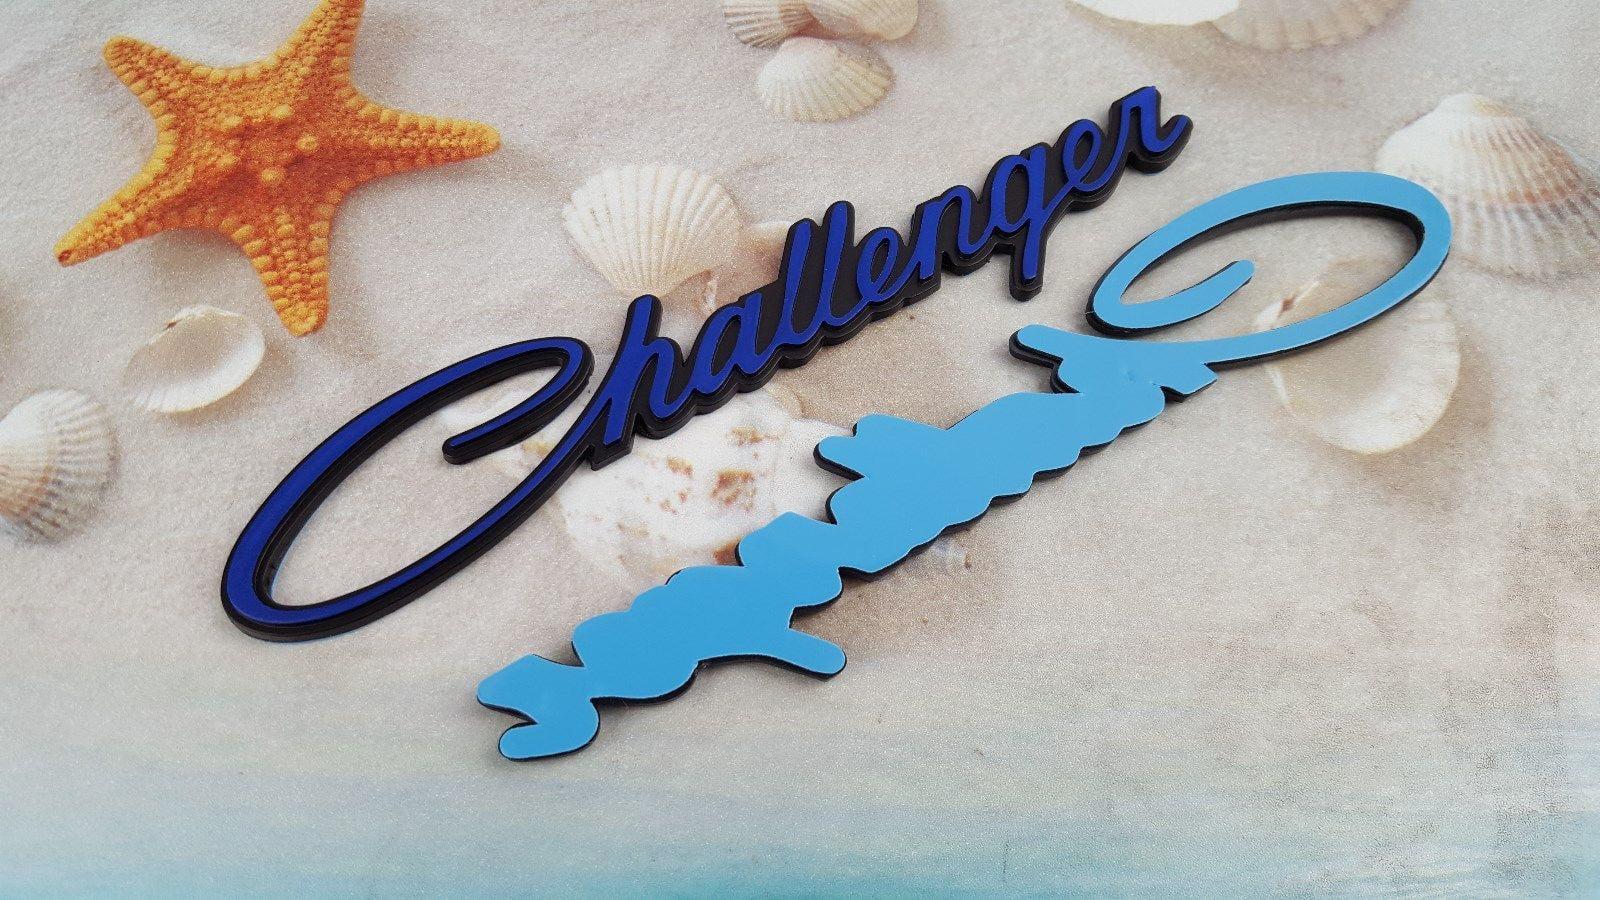 Black Red Challenger Script Emblem Badge Decal Sticker Dodge side fender badge